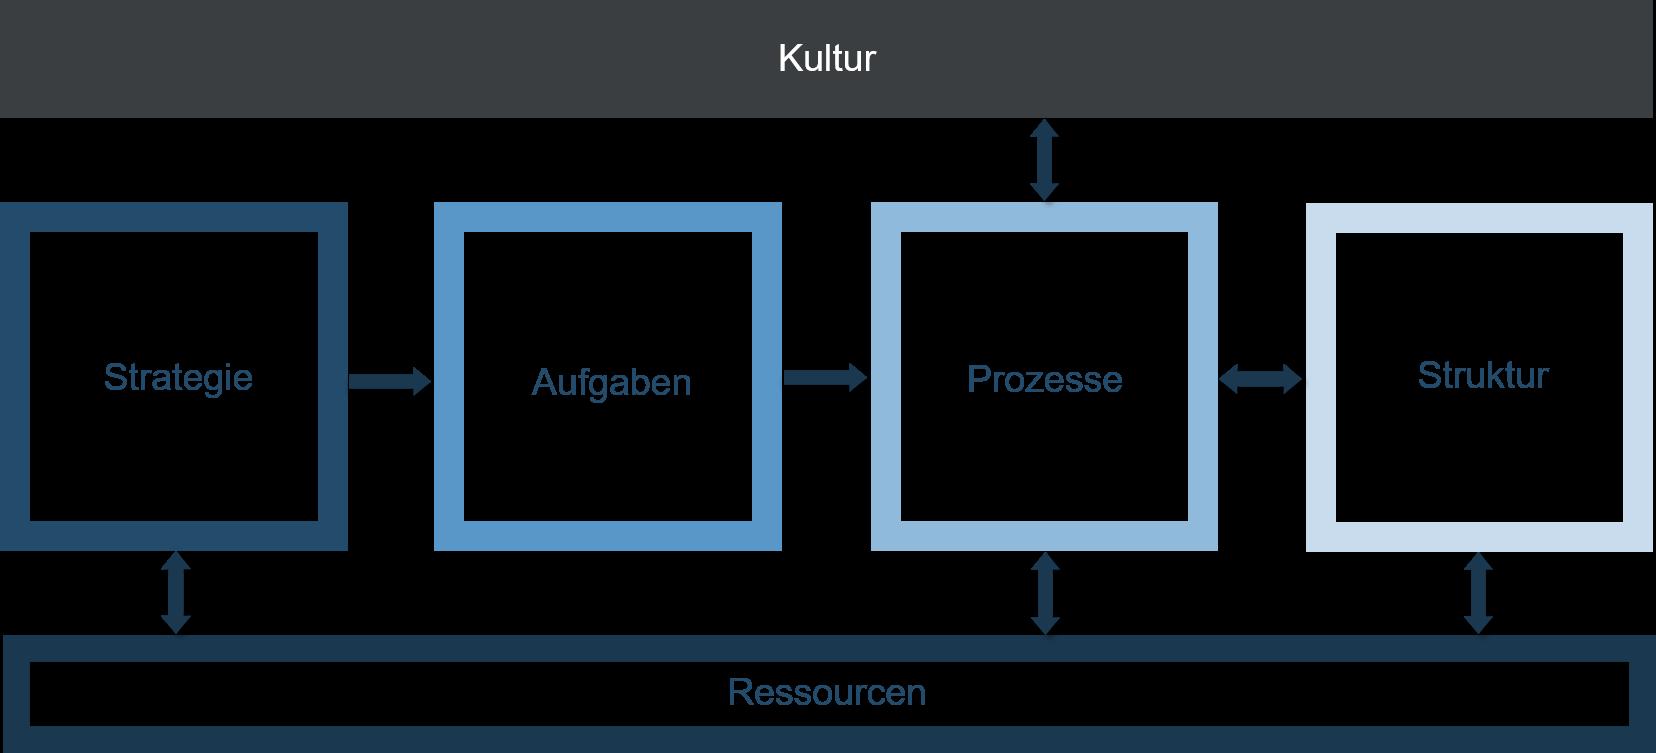 Organisationsentwicklung - Schaubild - Kultur